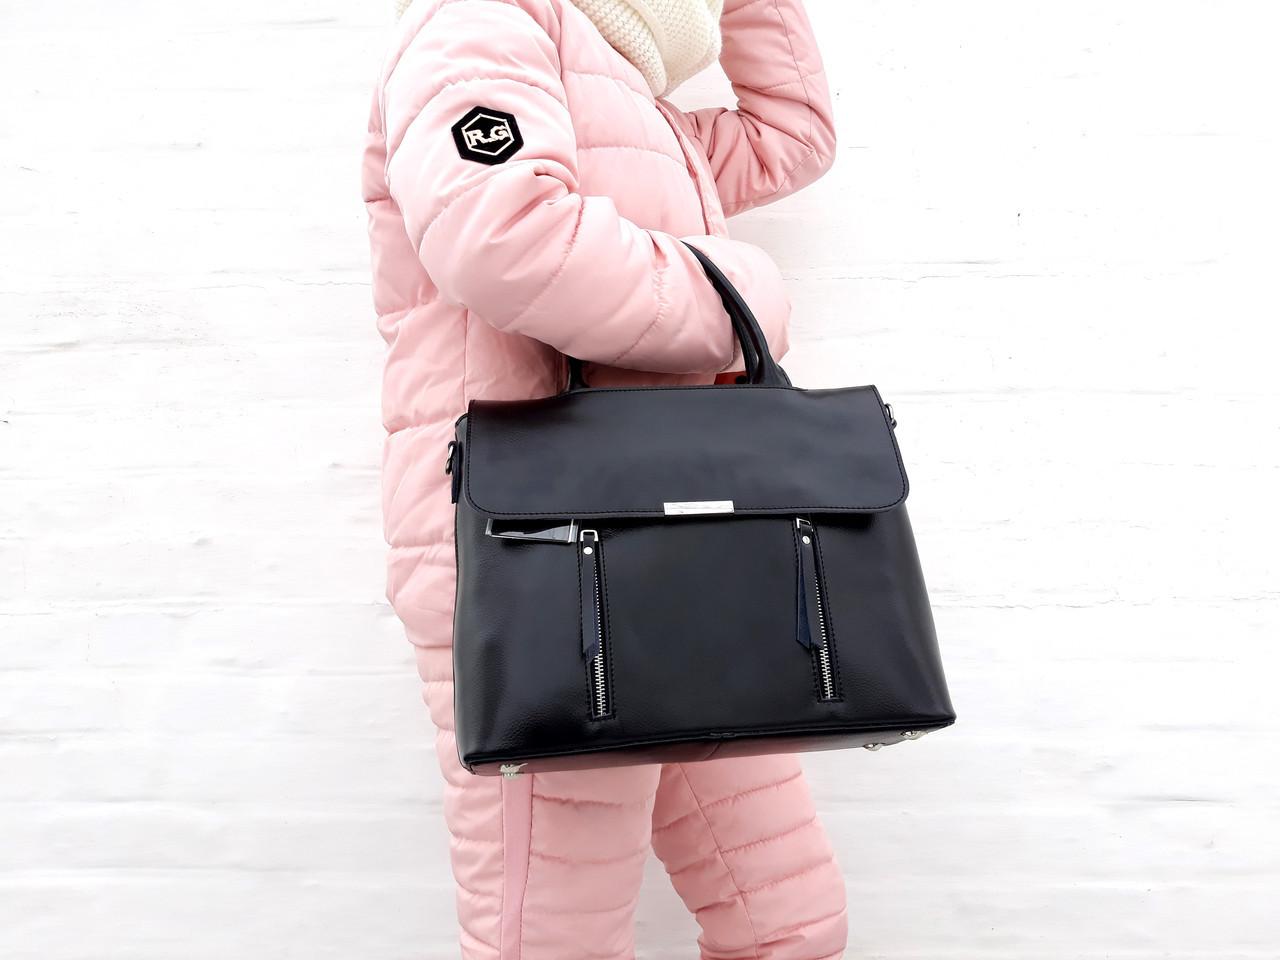 1a913bfbdd2e ... Большая кожаная женская сумка Galanty из плотной кожи, Бежевая  (молочная), ...